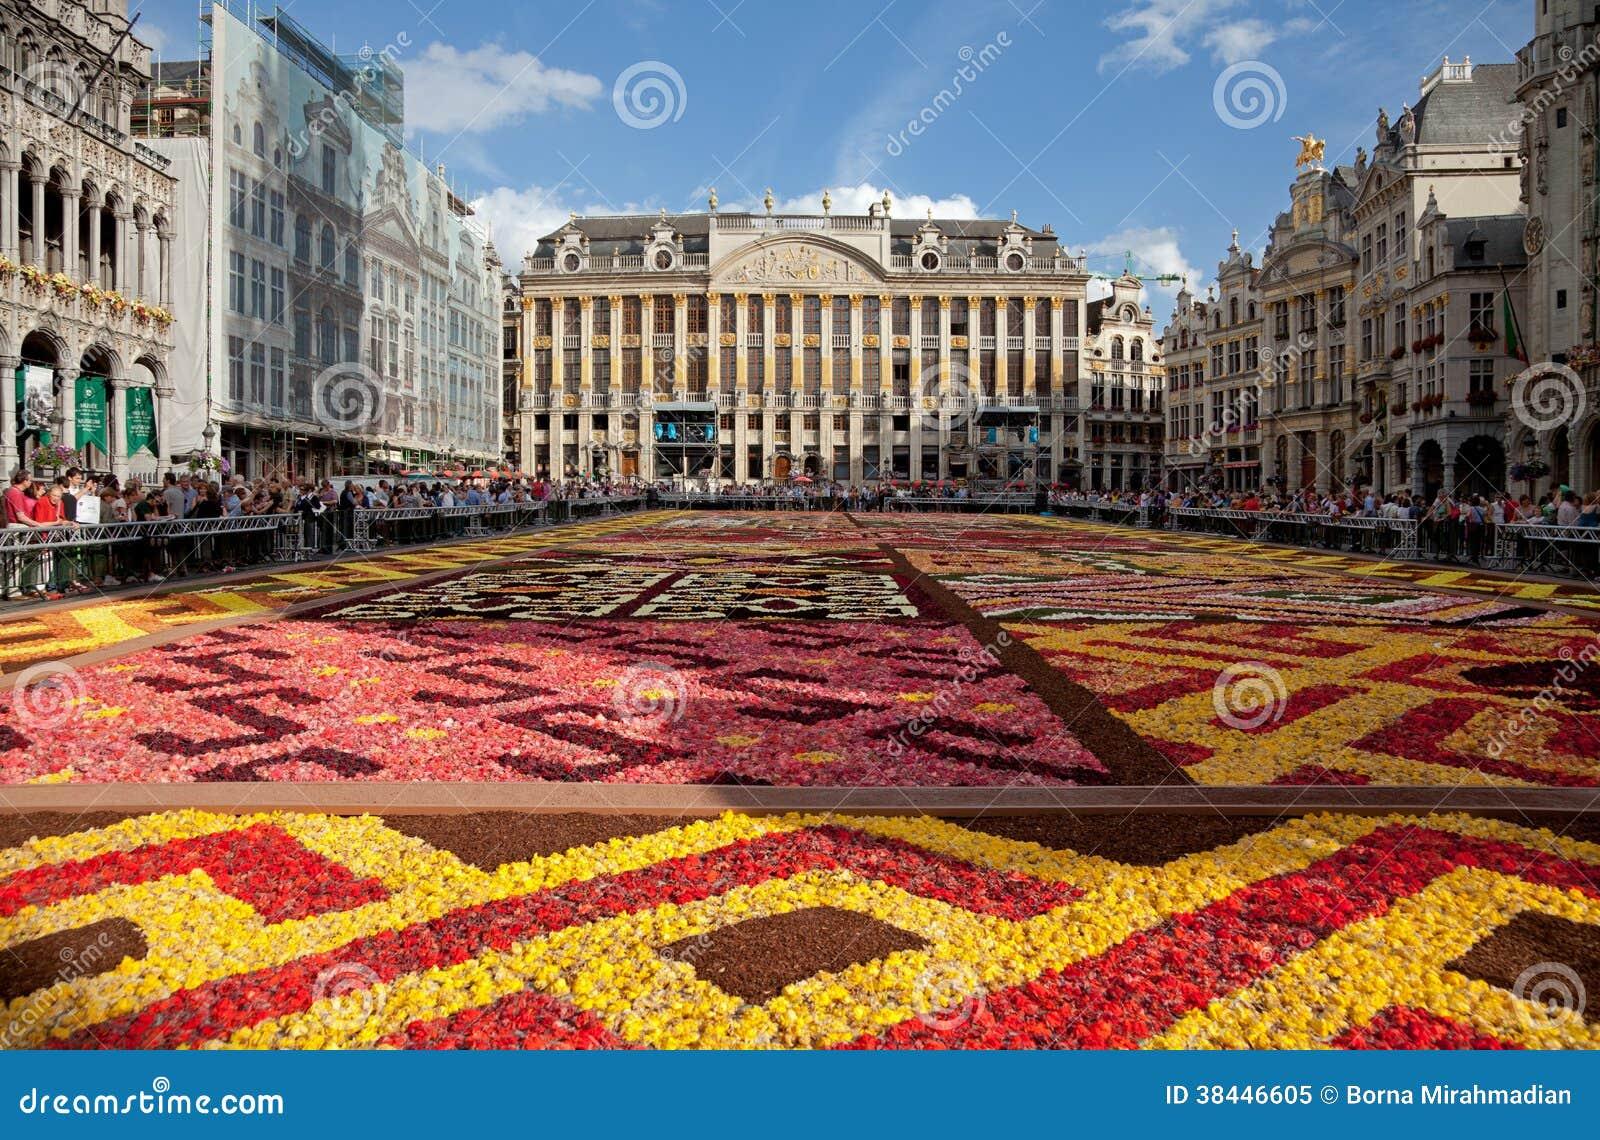 Tappeto Floreale Bruxelles : Bruxelles vi aspetta su un tappeto di fiori tgcom